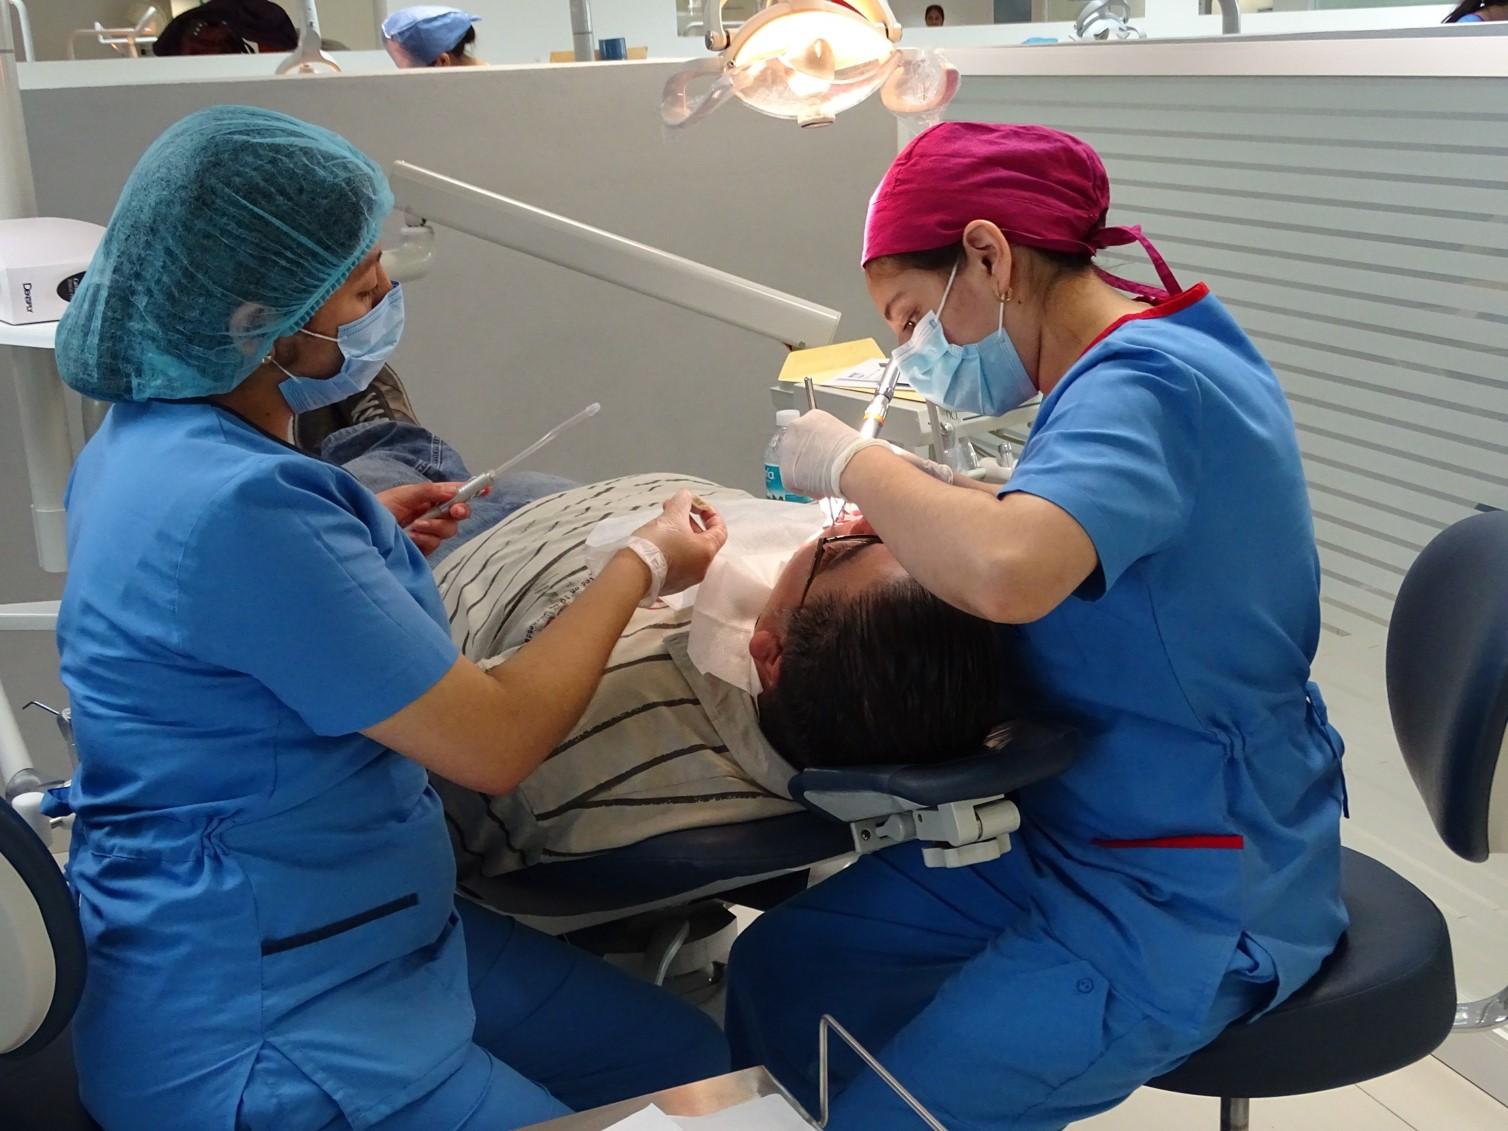 Cuidados pre y post operatorios en una cirugía bucal - Featured Image